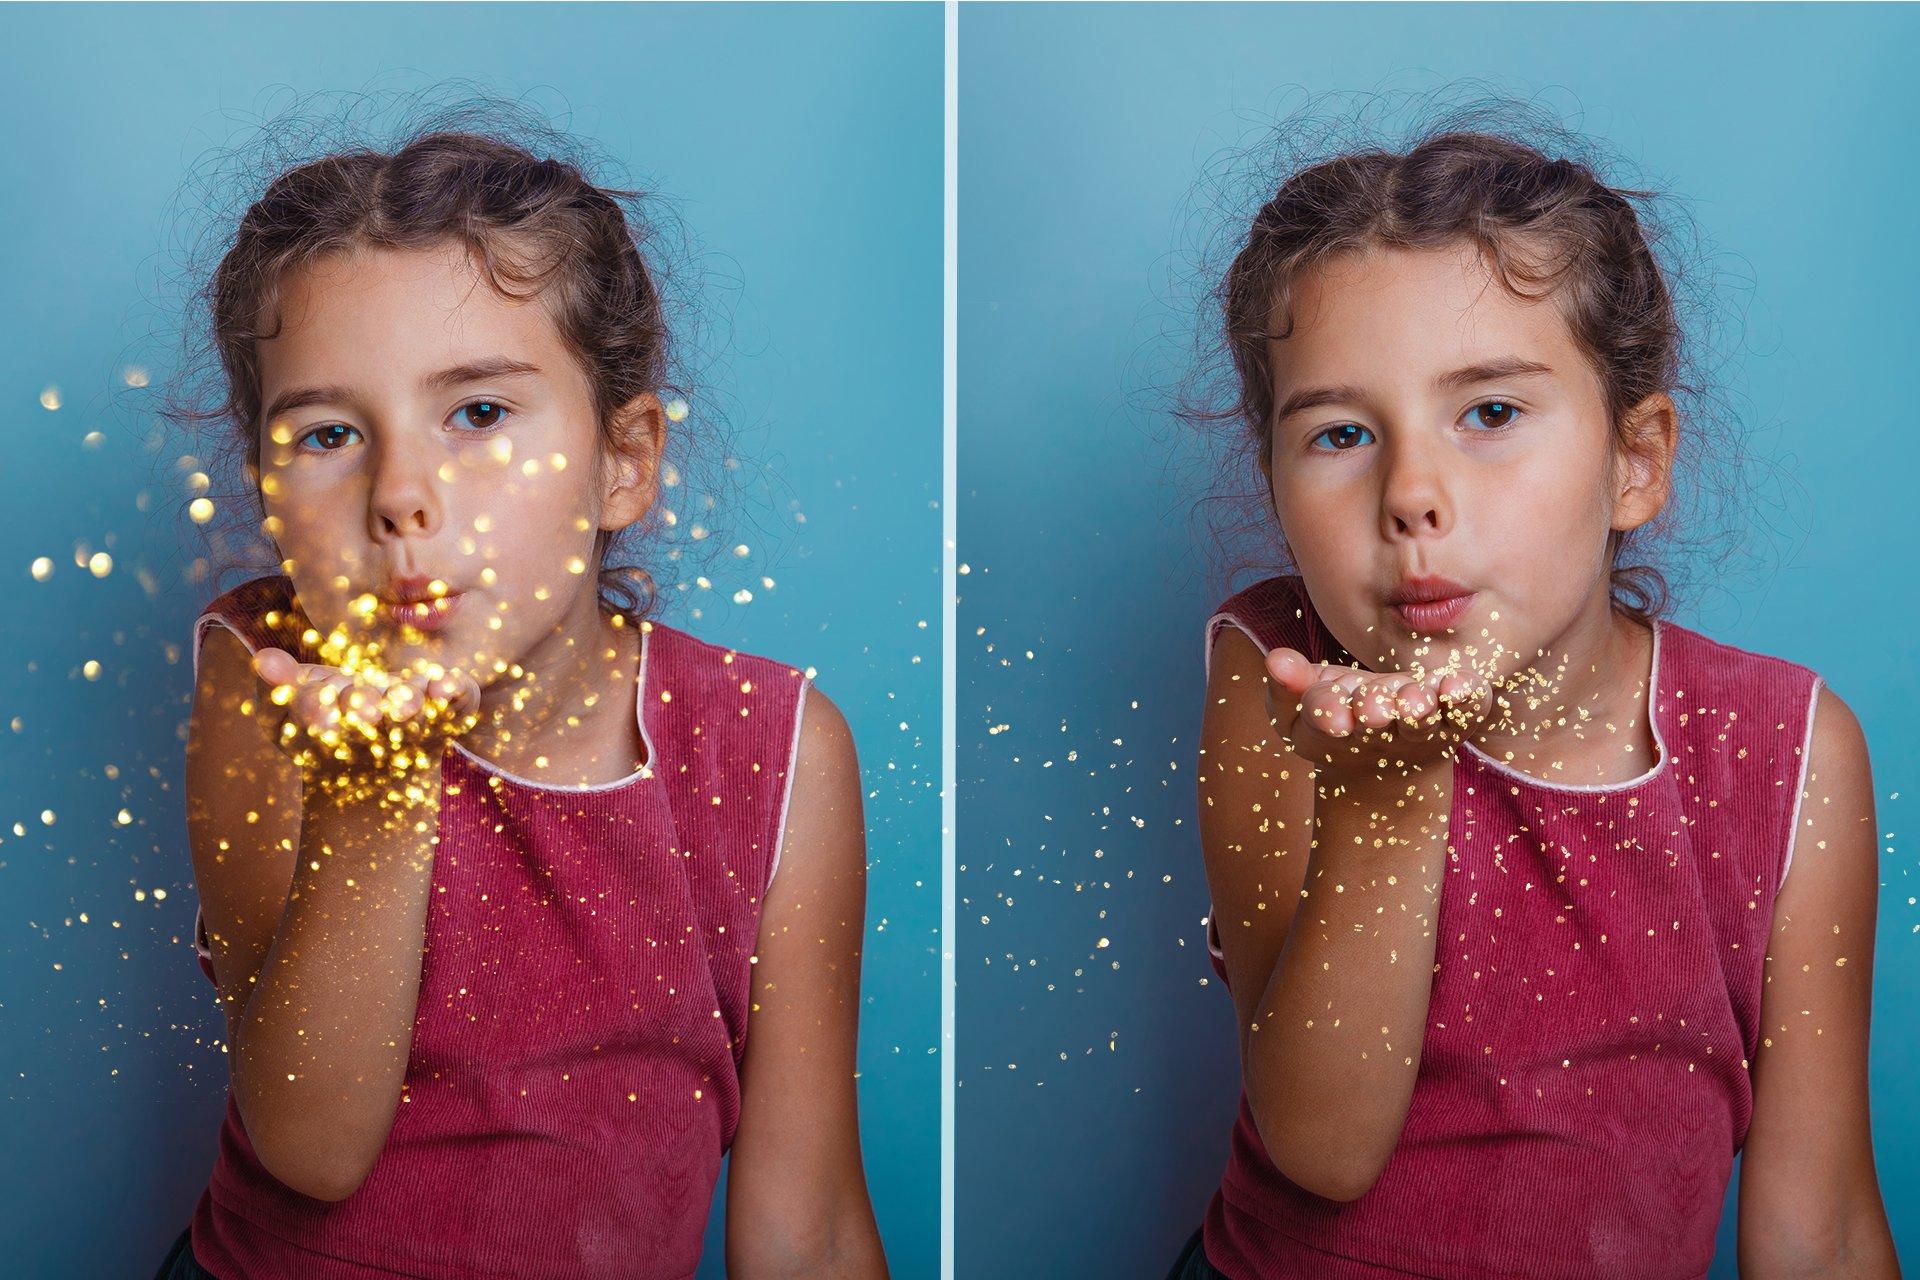 33款高清吹闪光照片叠加层JPG图片素材29 Blowing Glitter Photo Overlays插图(5)